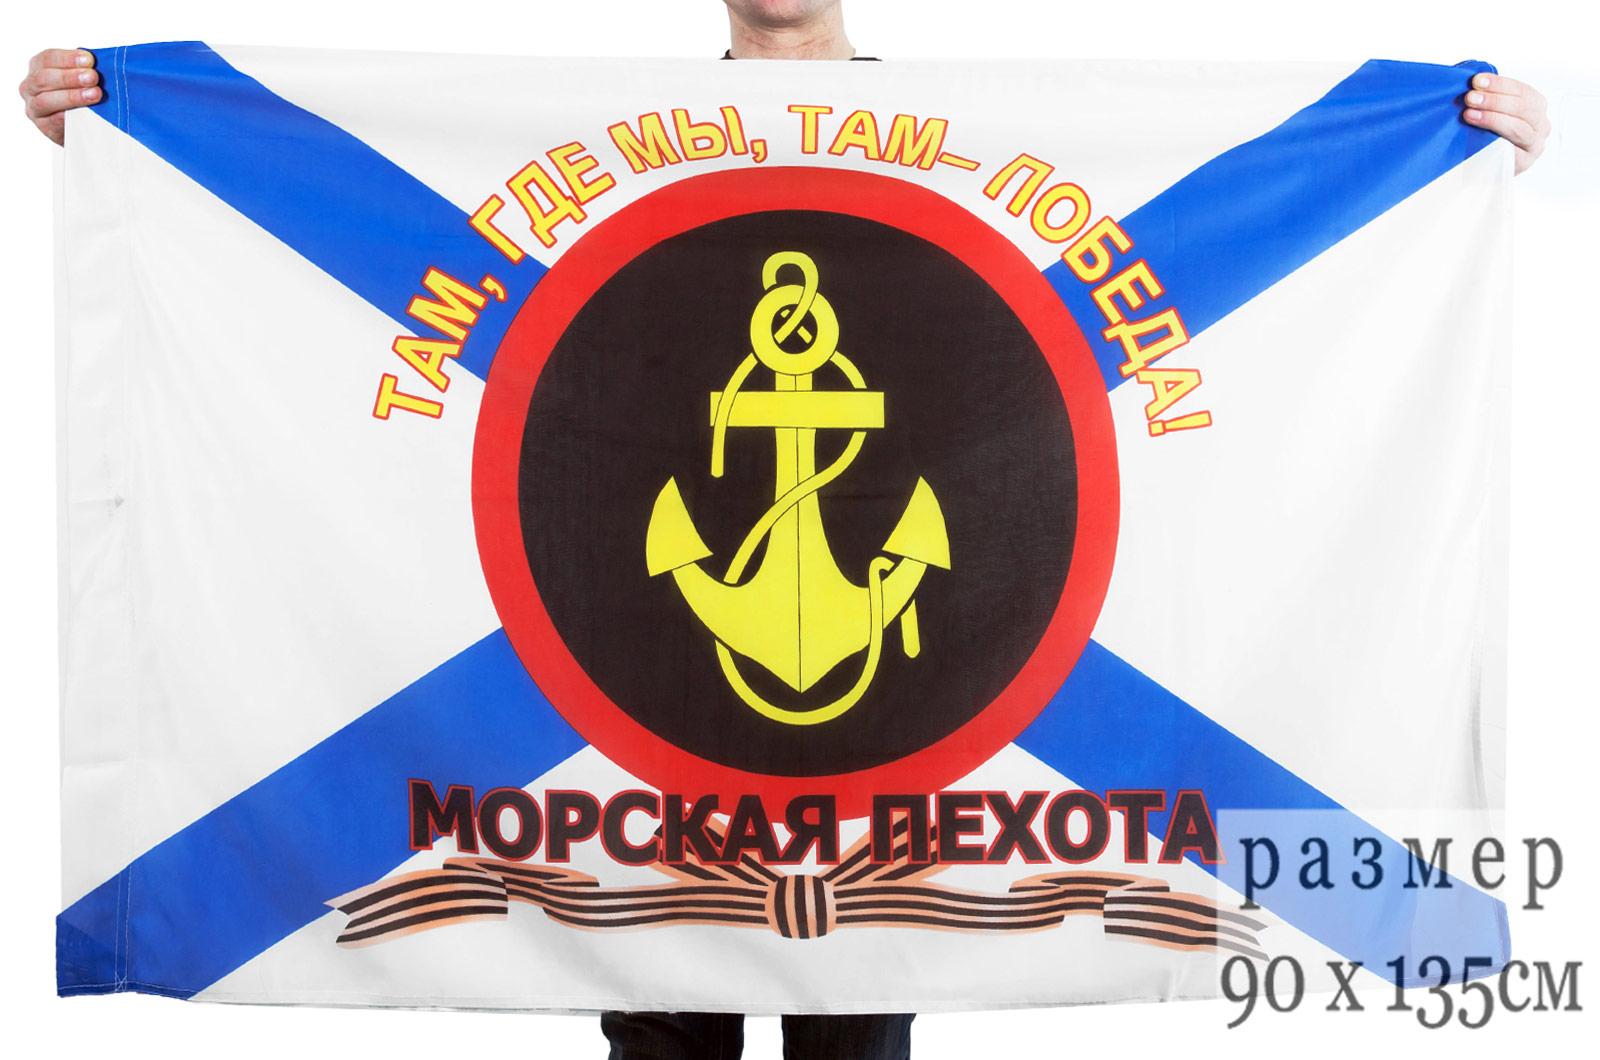 """Купить флаг """"Русская морская пехота с надписью"""""""